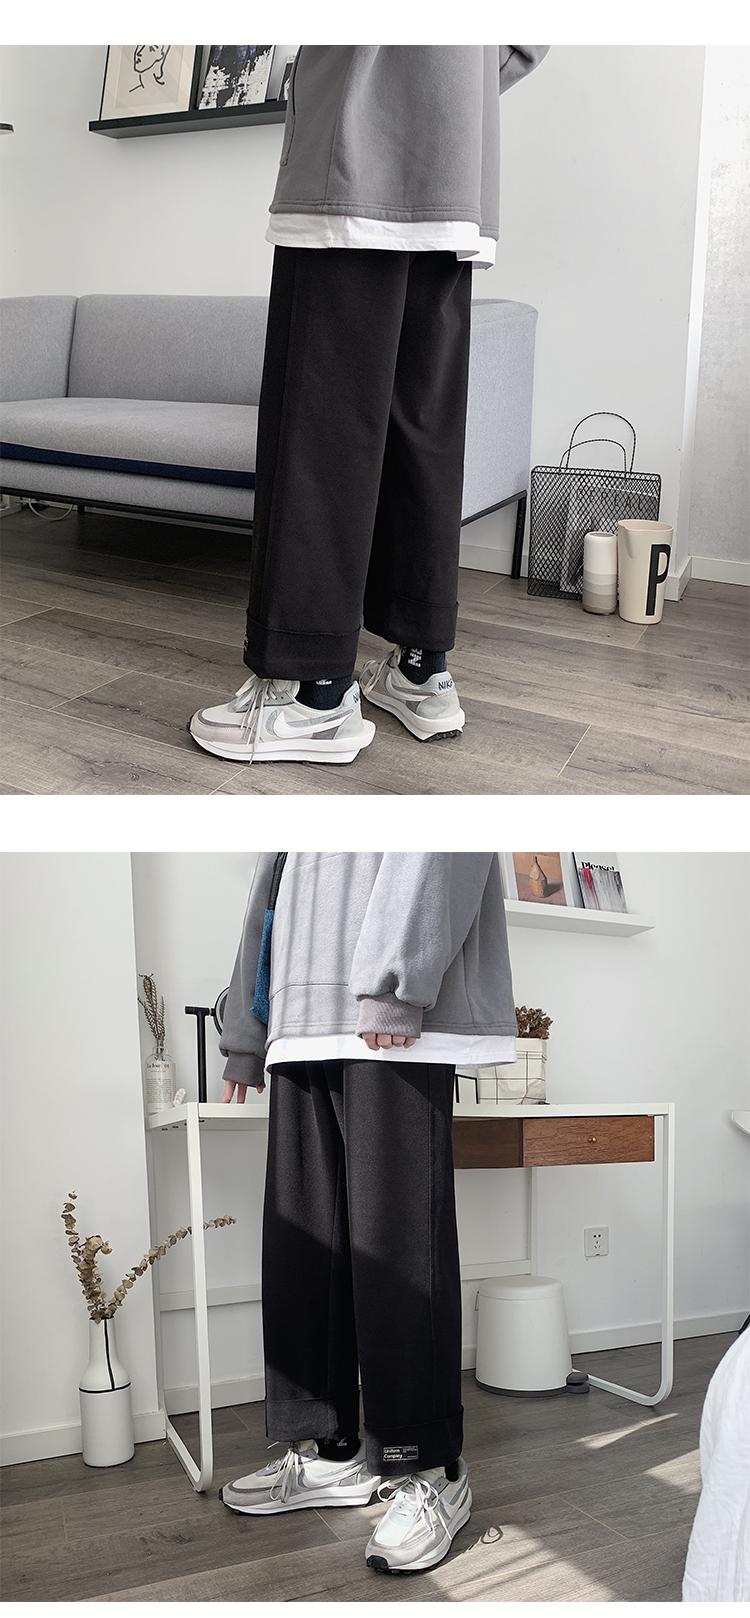 ROCKY nhà Nhật Bản thương hiệu thủy triều mùa xuân Harajuku bf quần chân rộng lỏng lẻo văn chương thẳng quần giản dị nam - Quần mỏng